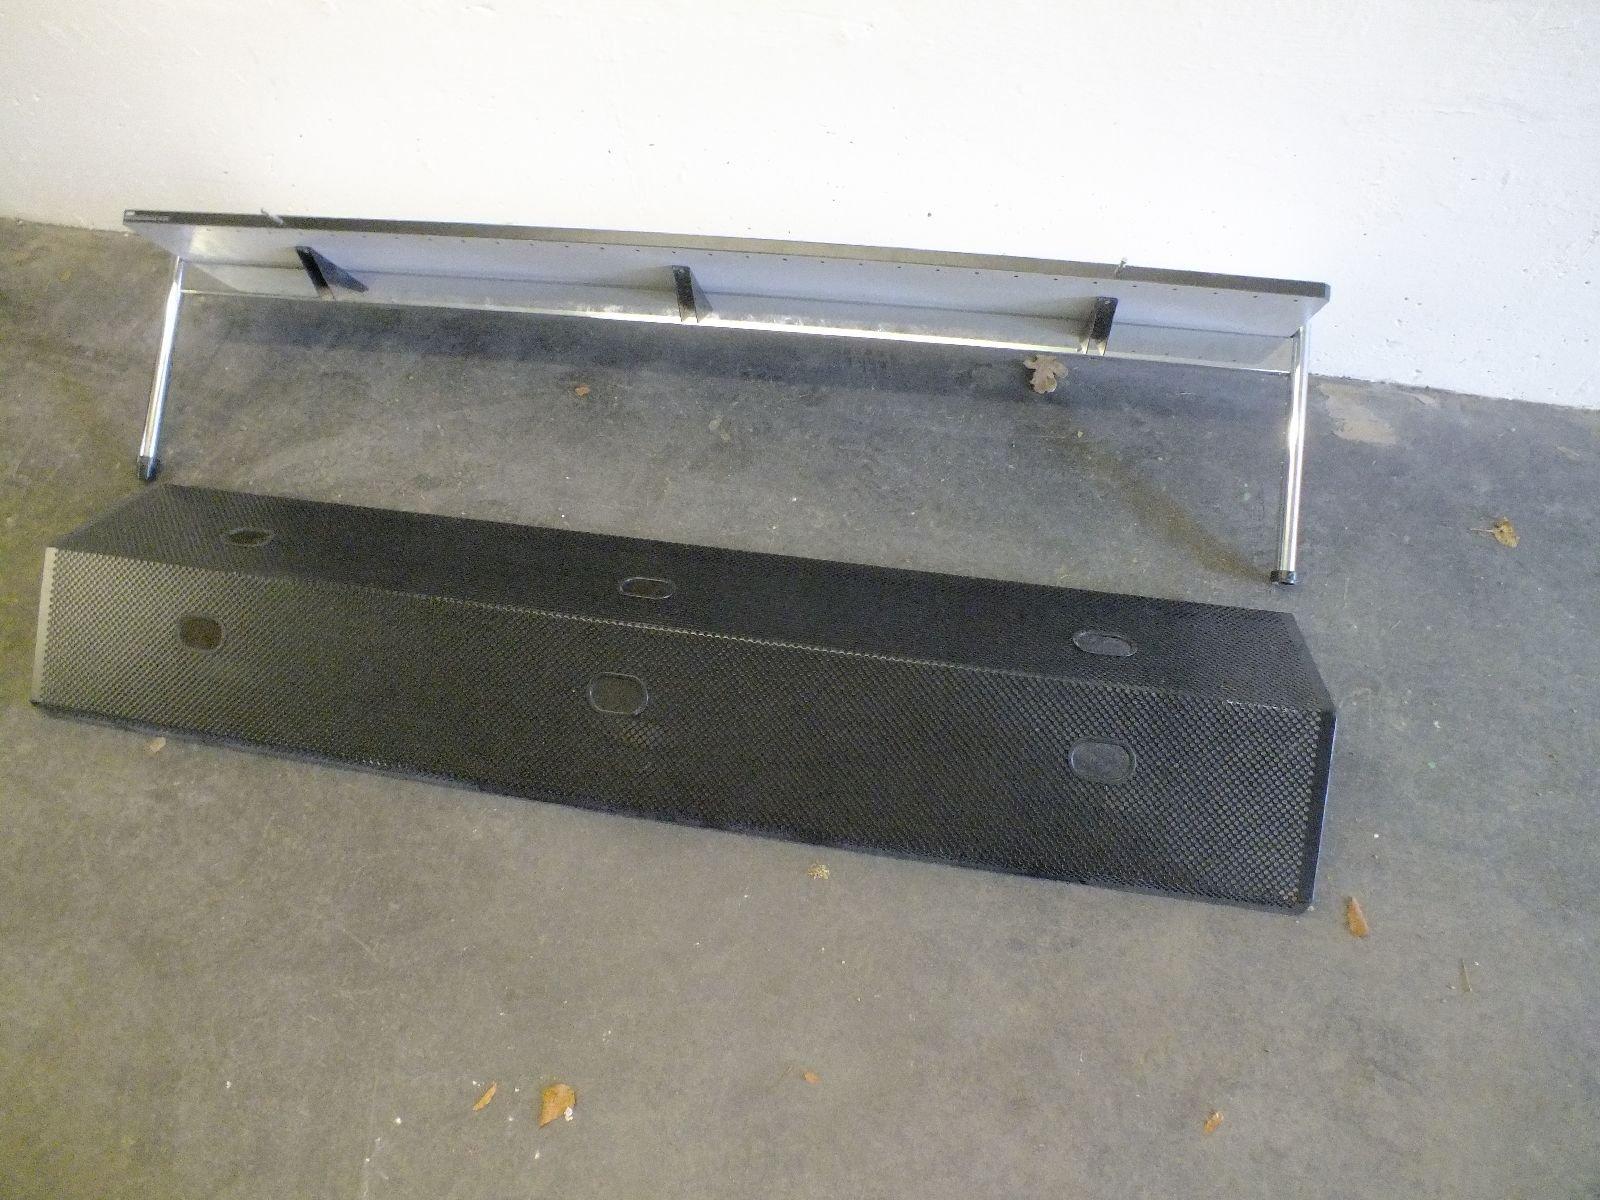 Usm Haller Schreibtischaufsatz Sichtschutz Ablage 170 Cm Ebay